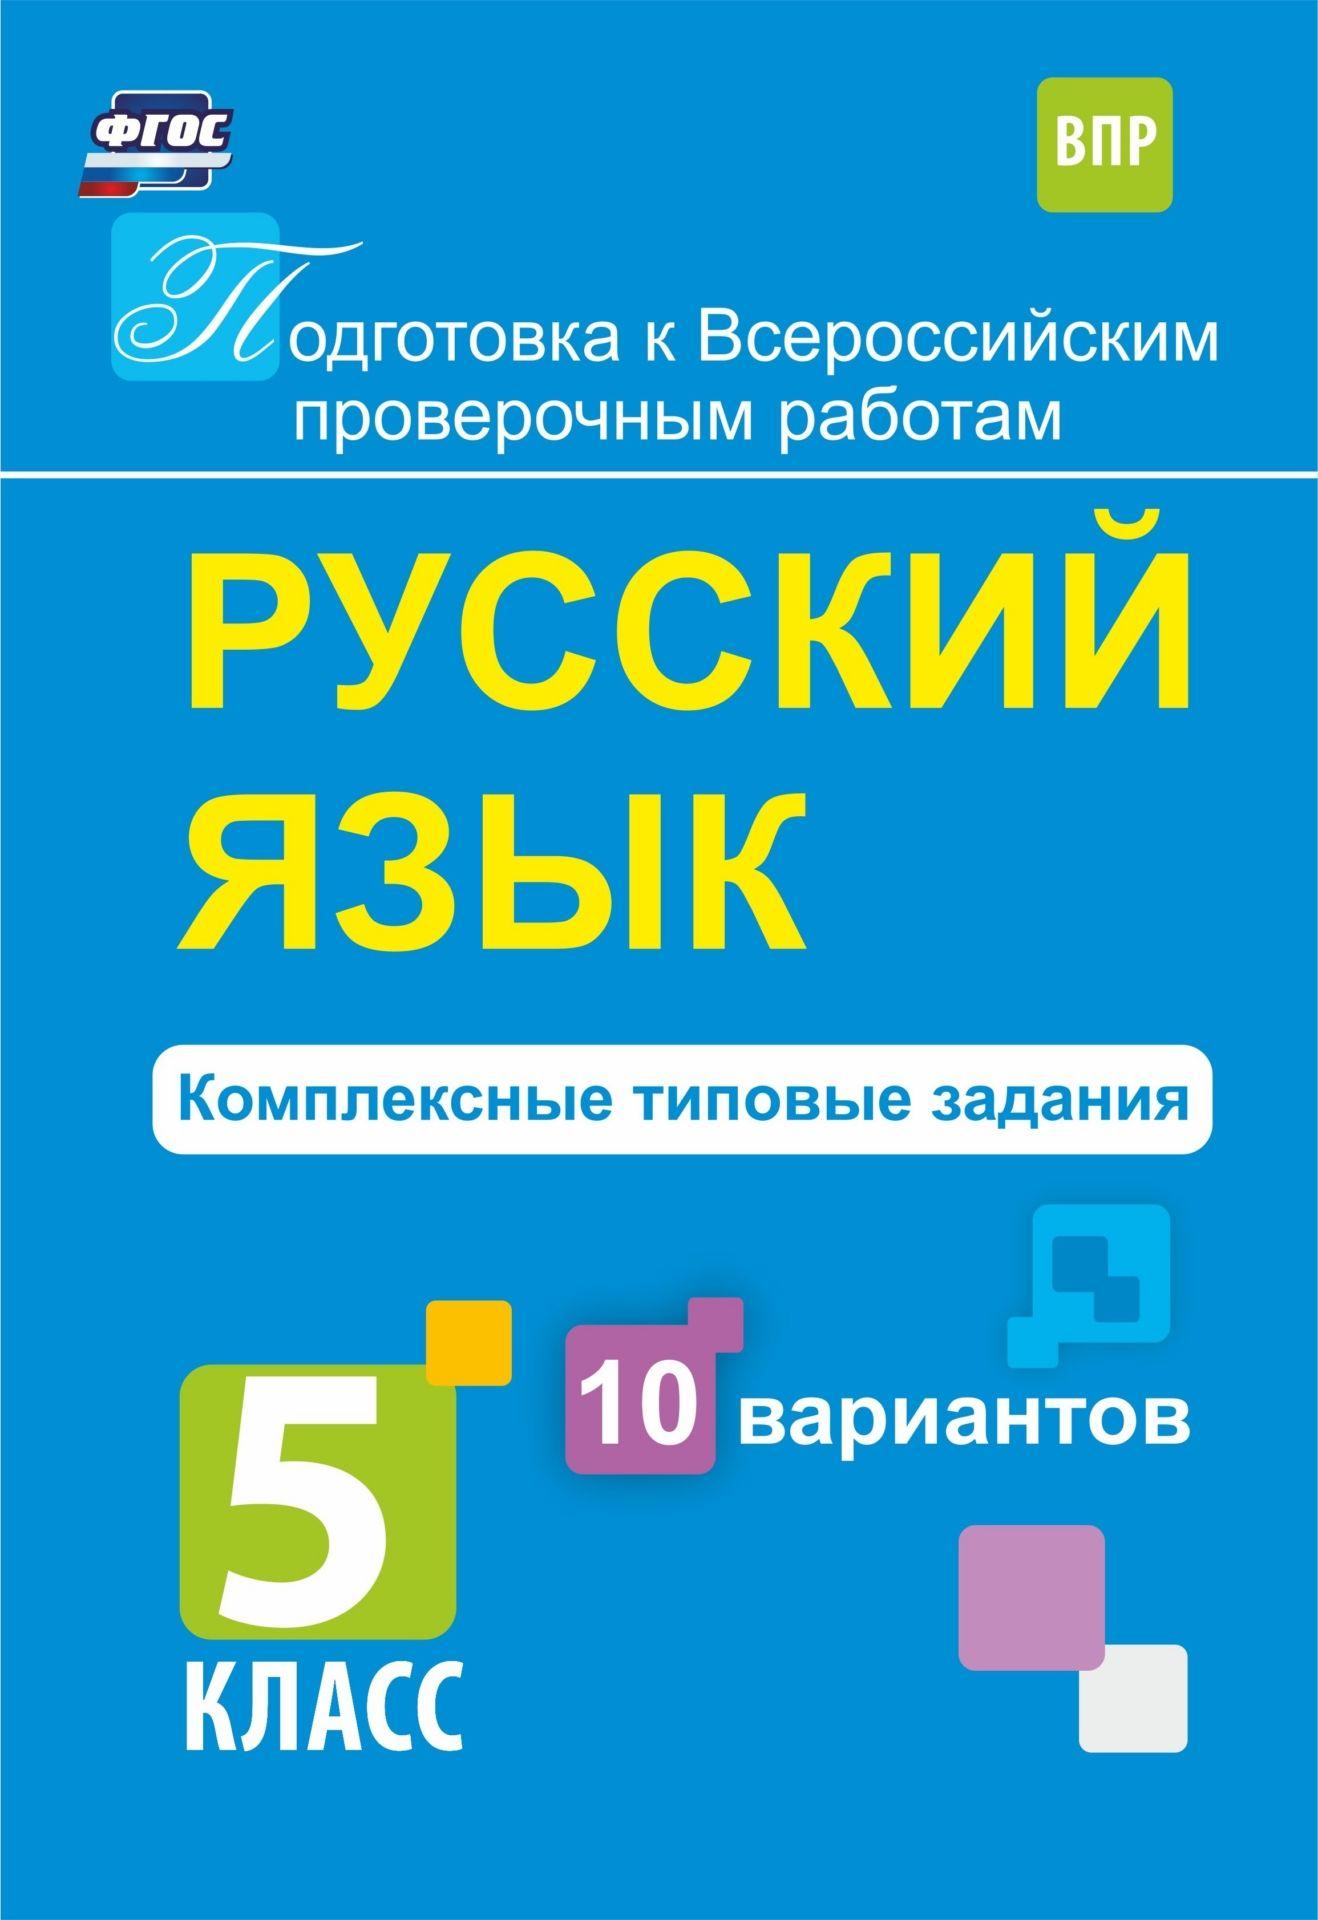 Купить со скидкой Русский язык. Комплексные типовые задания. 10 вариантов. 5 класс